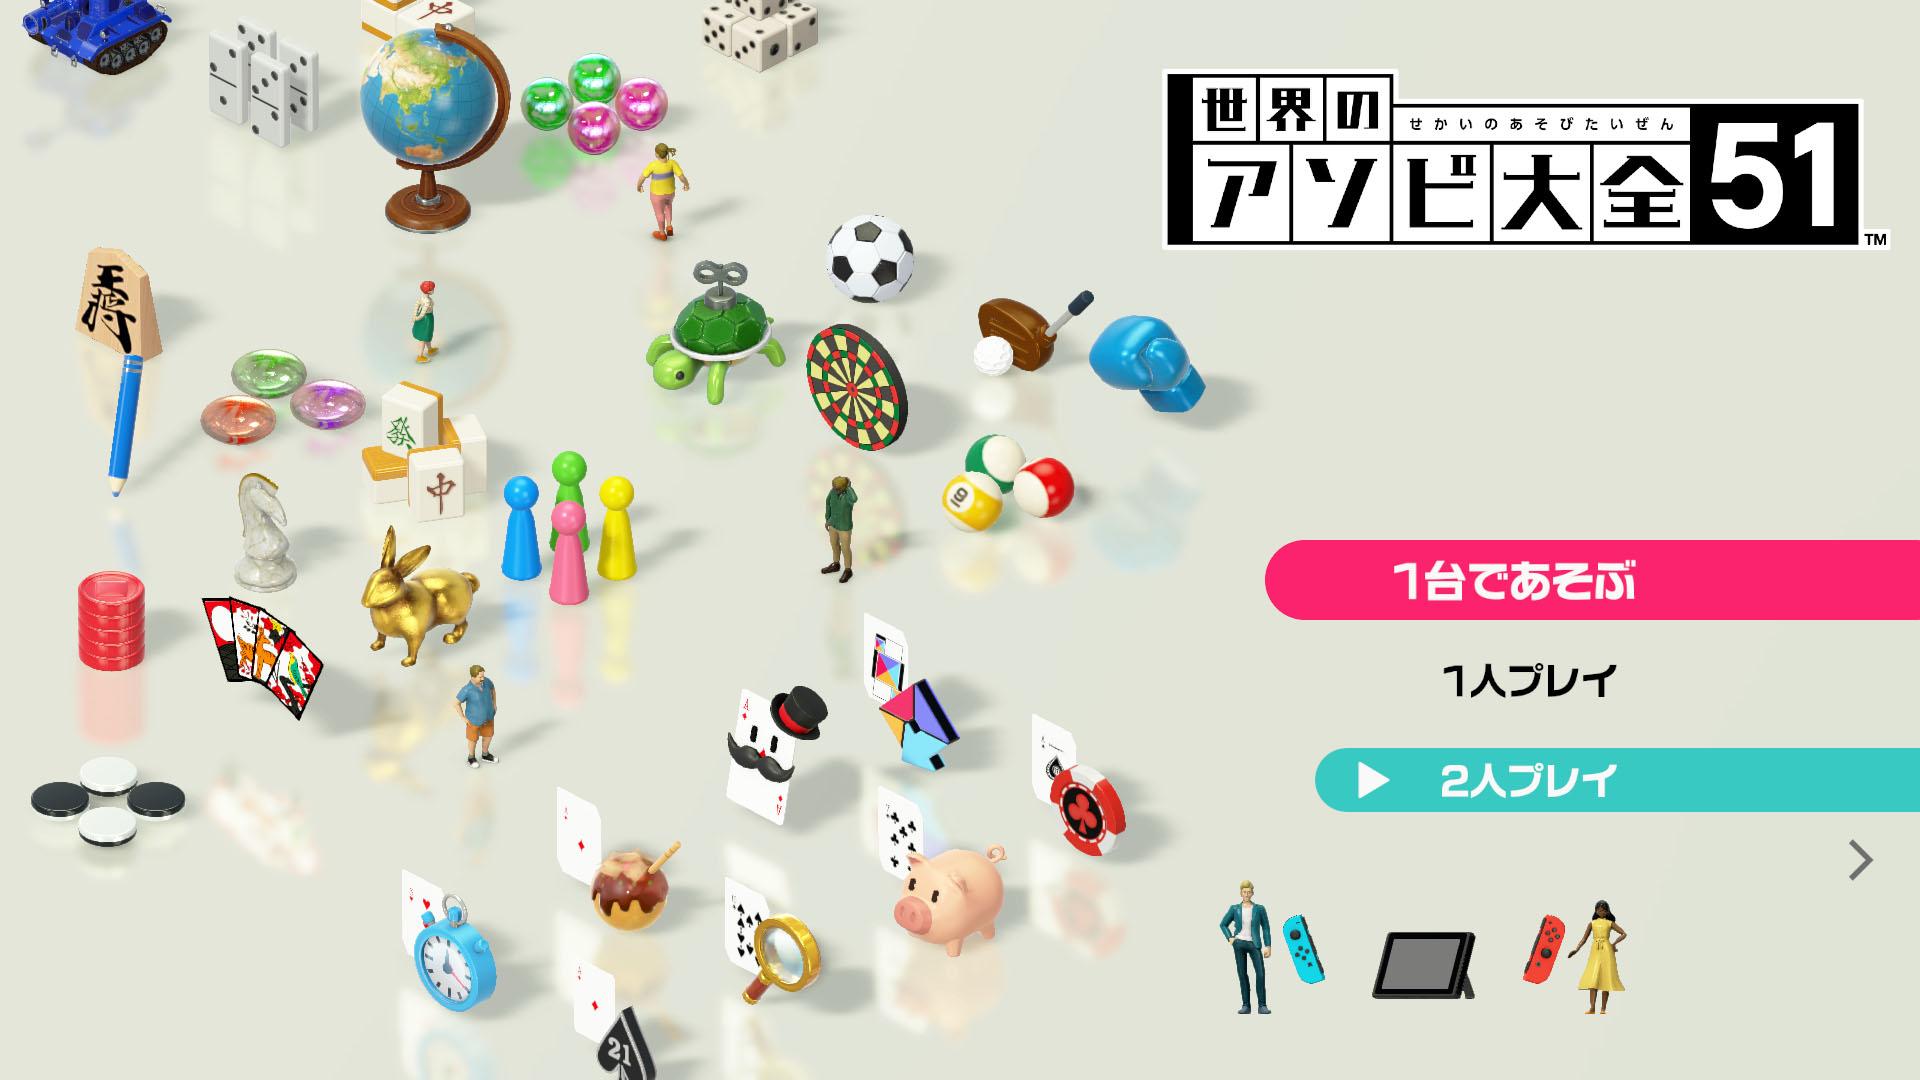 51 遊び 世界 スイッチ の 【親子で遊ぼう】世界のアソビ大全51(任天堂SWITCH)の魅力とおすすめゲーム3選!